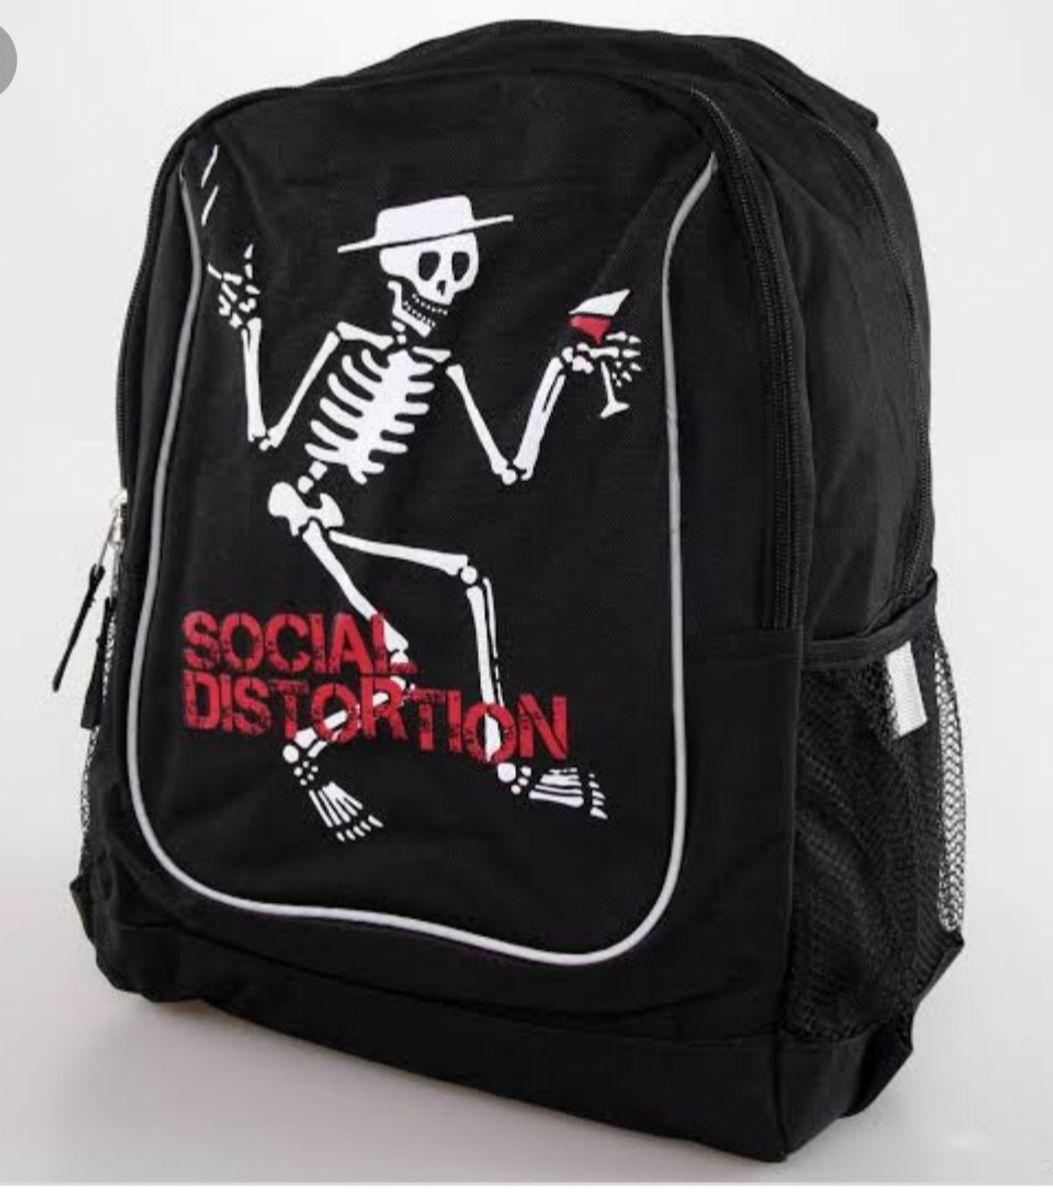 mochila social distortion - bolsas social distortion